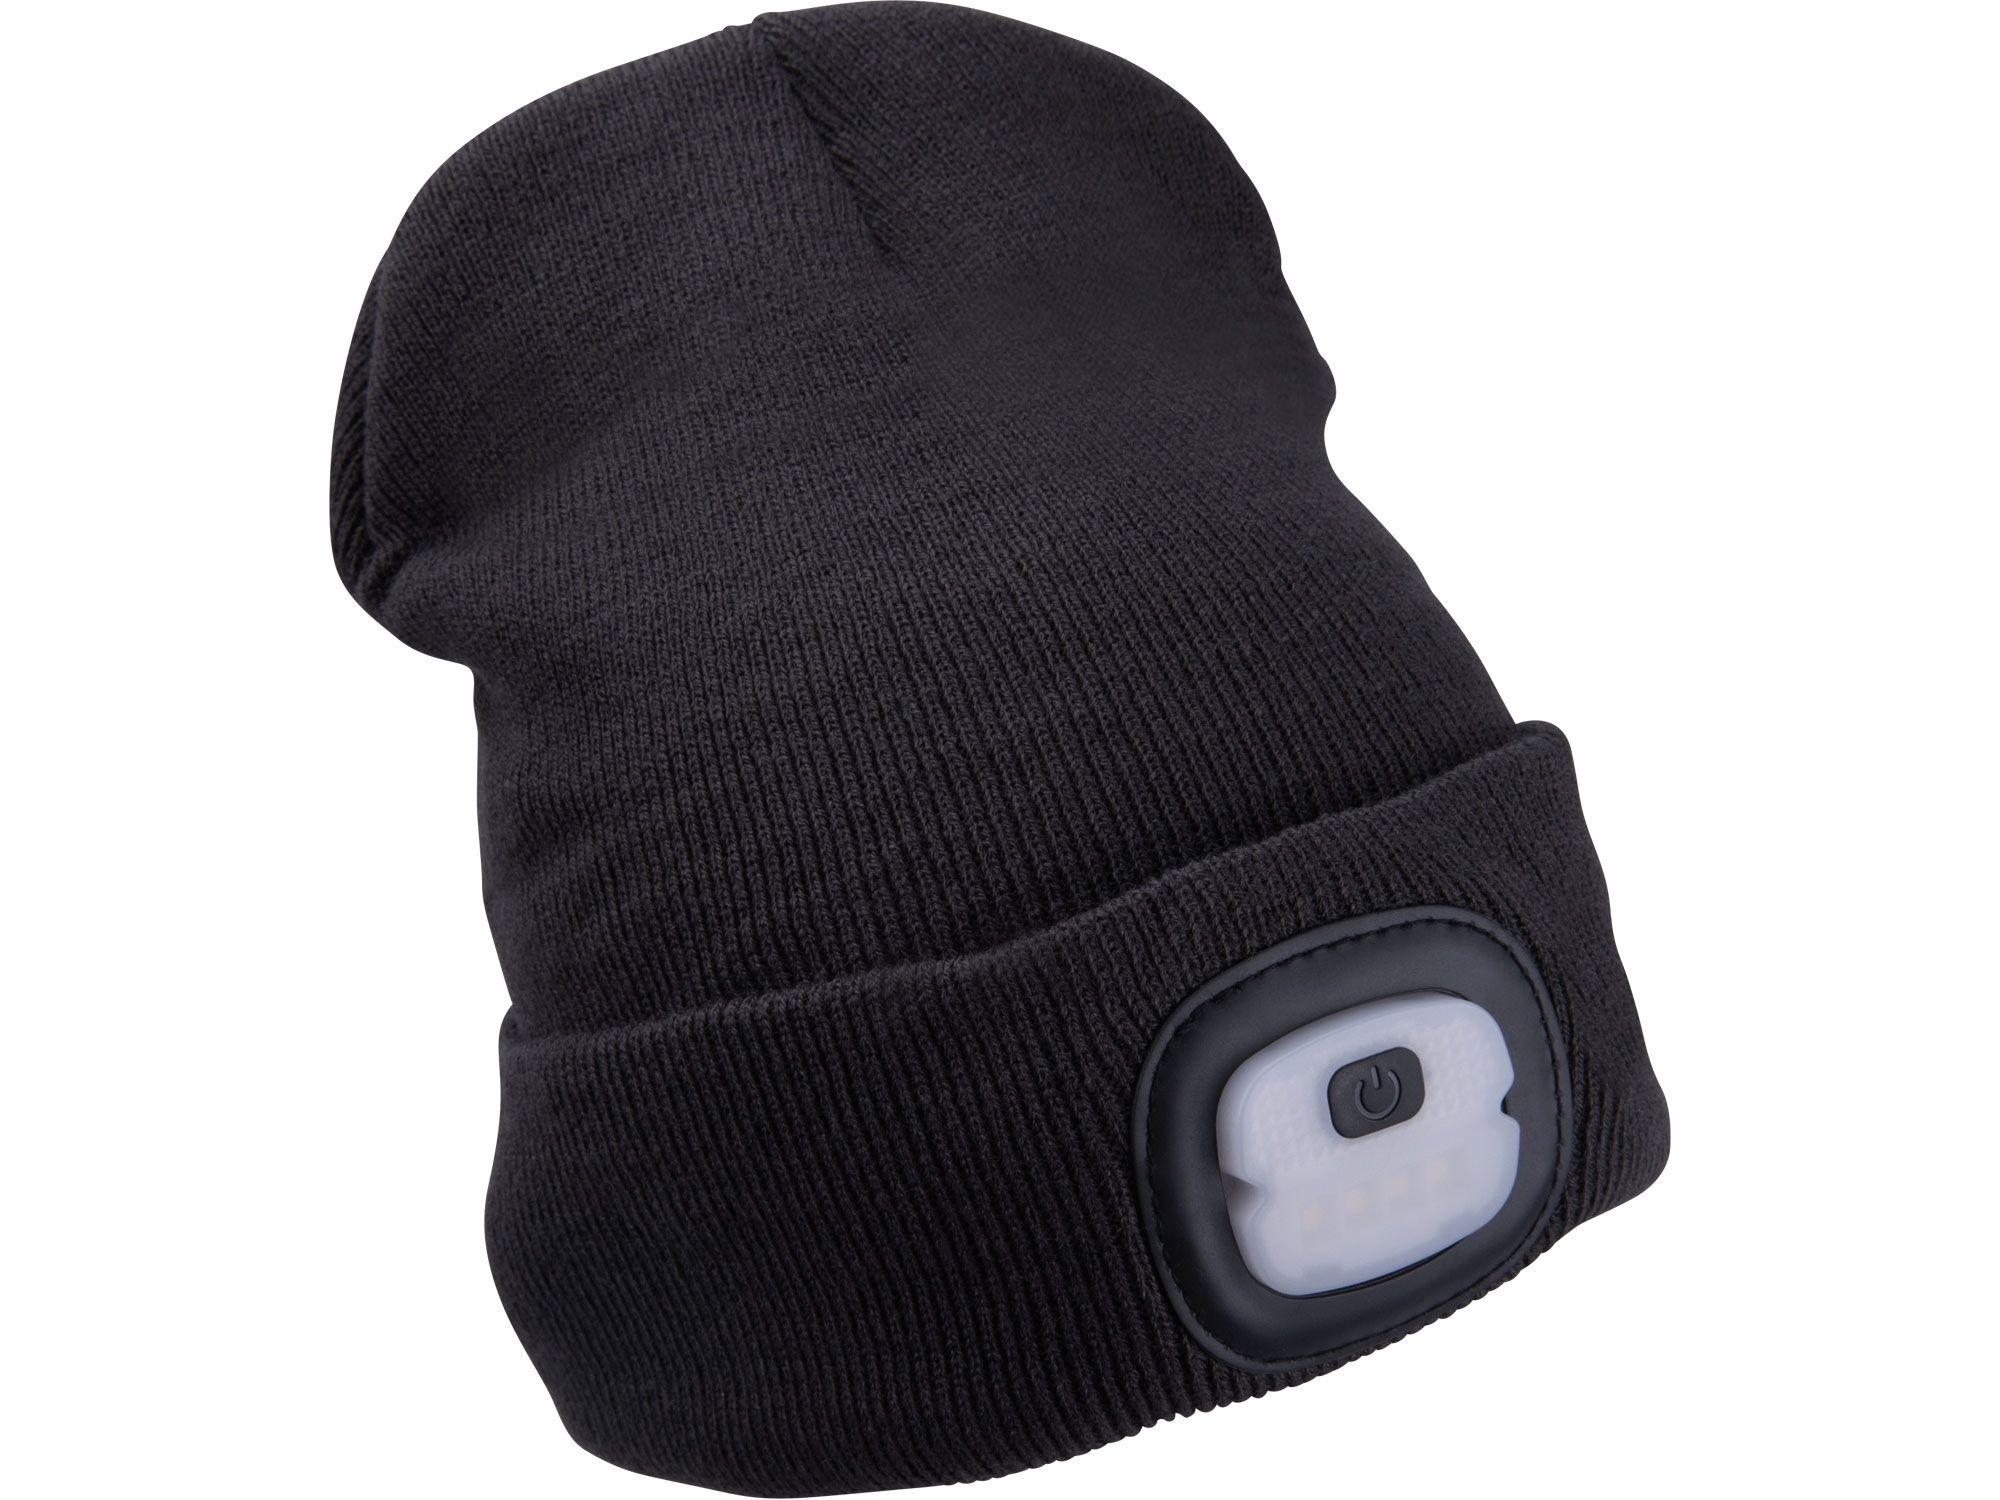 Čepice s čelovkou 4x25lm, USB nabíjení, tmavě šedá, ECONOMY, univerzální velikost EXTOL-LIGHT